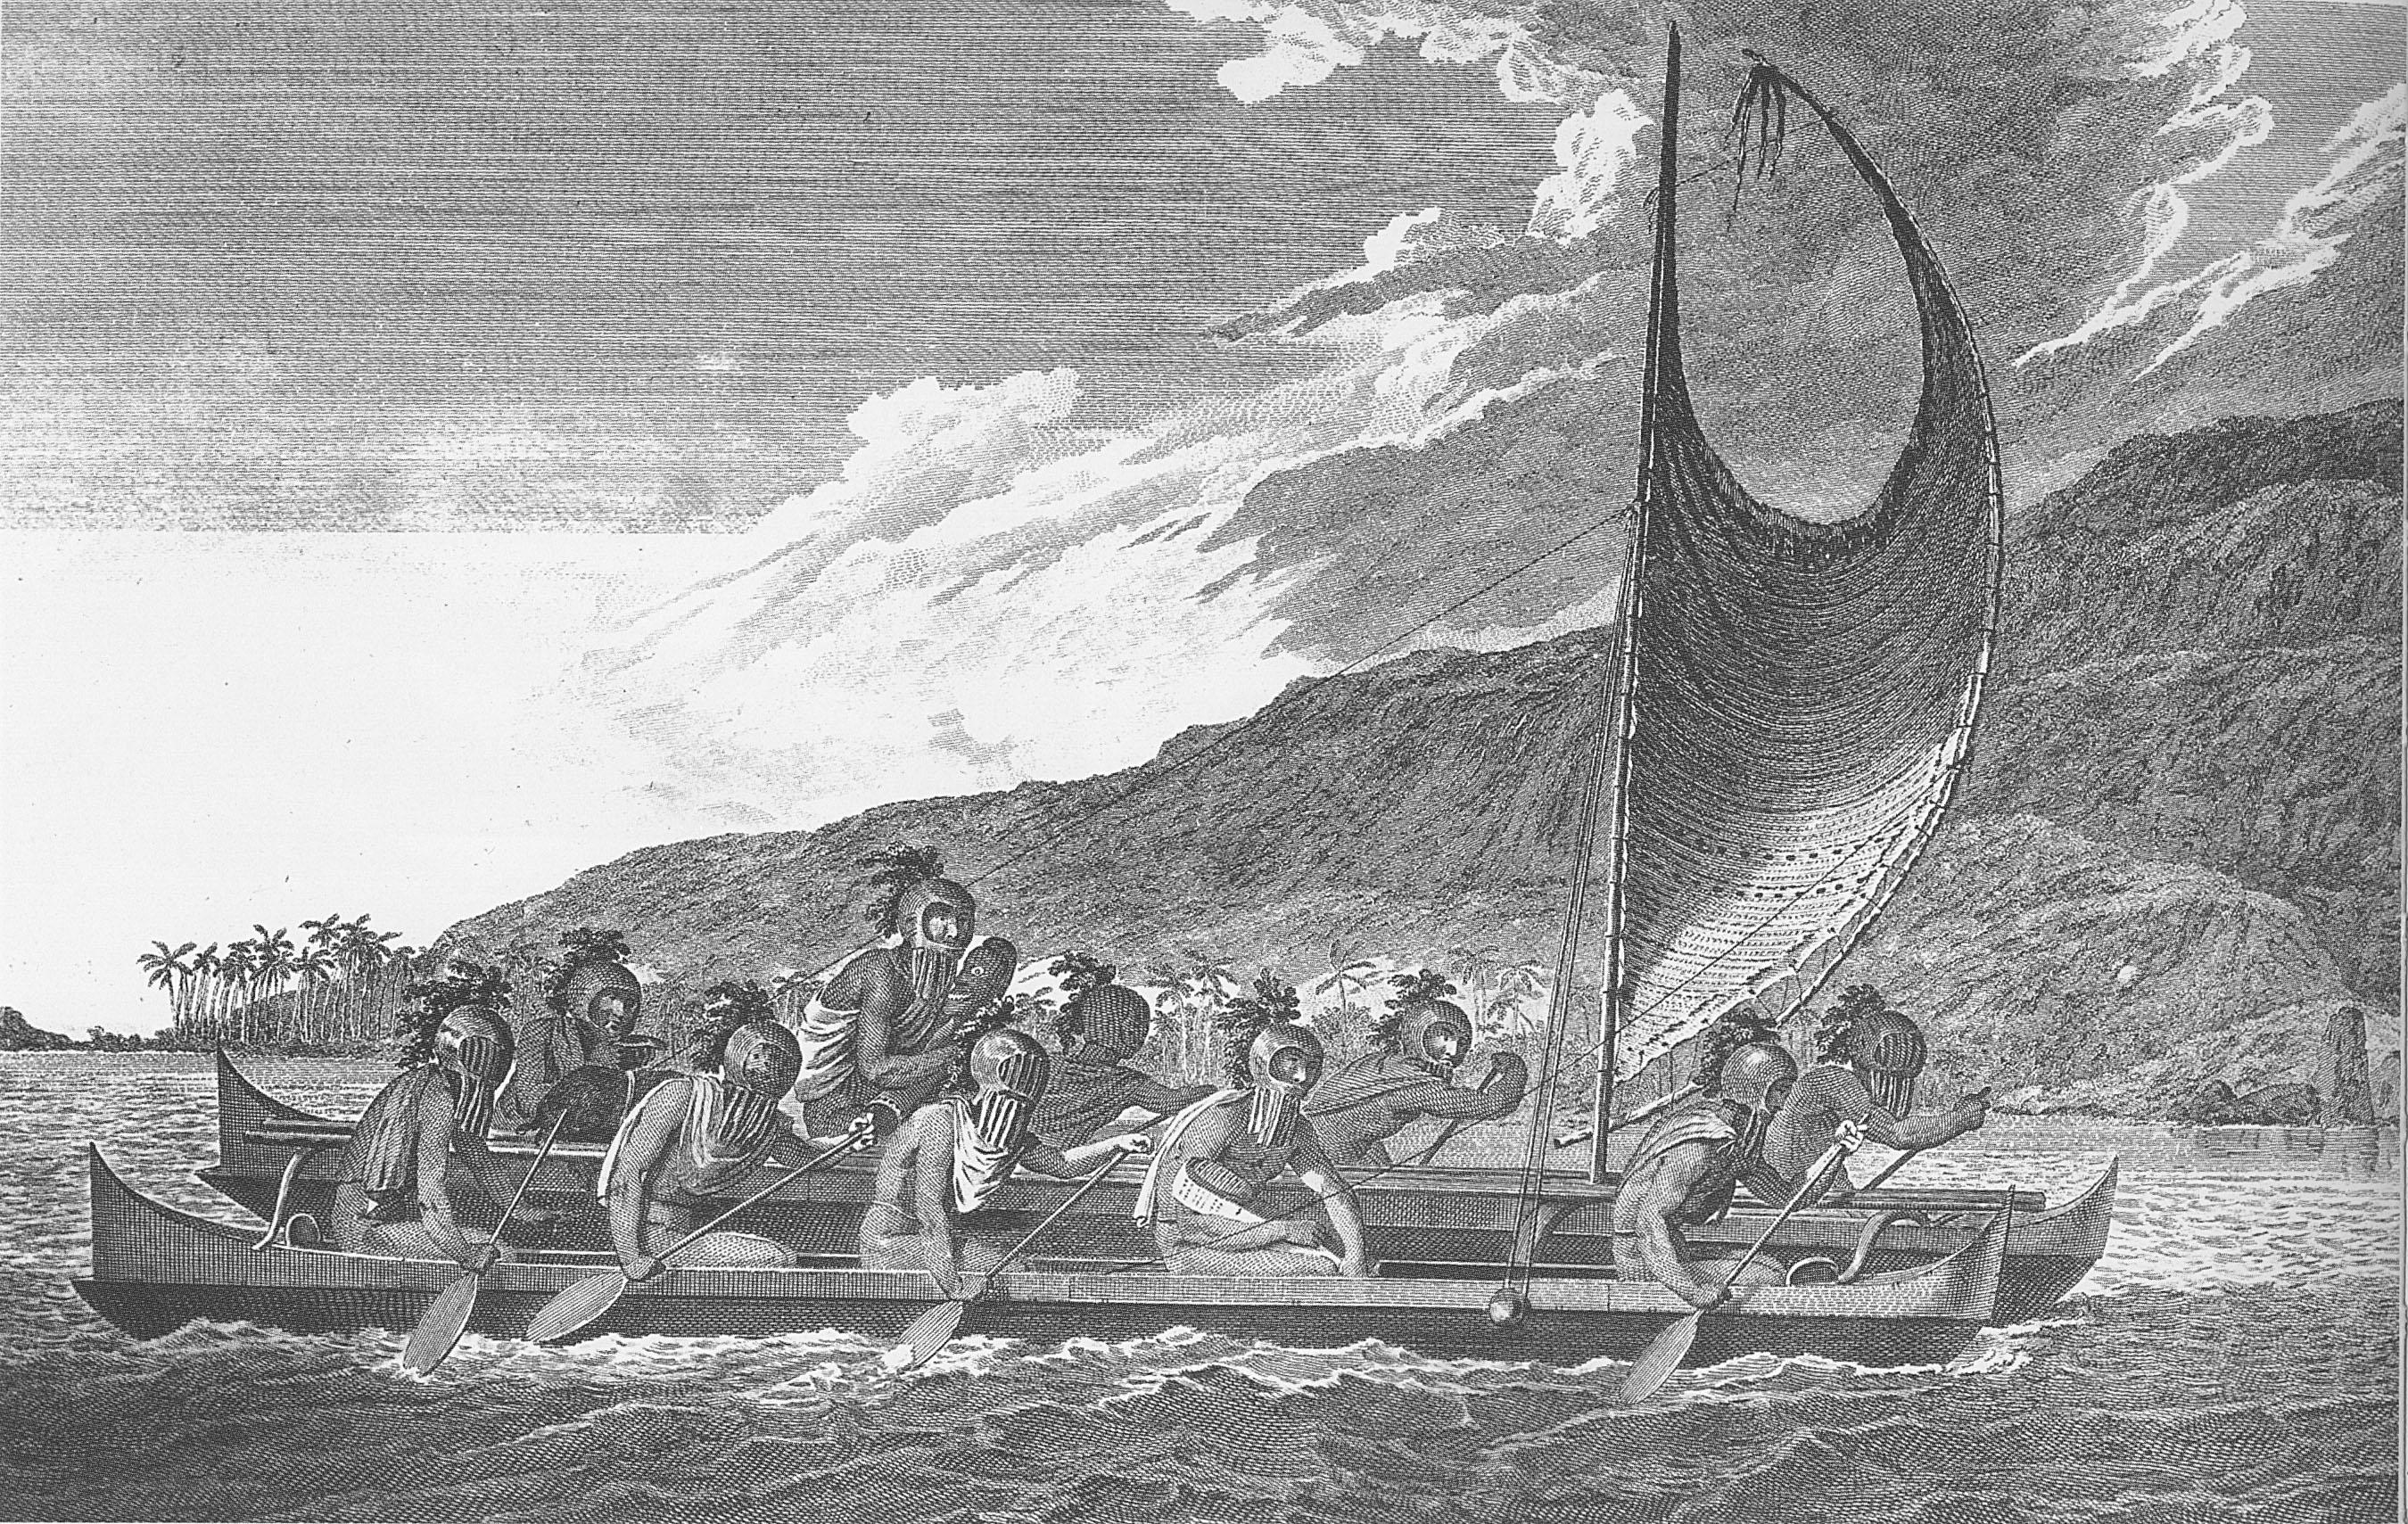 図17:ポリネシア人の双胴船